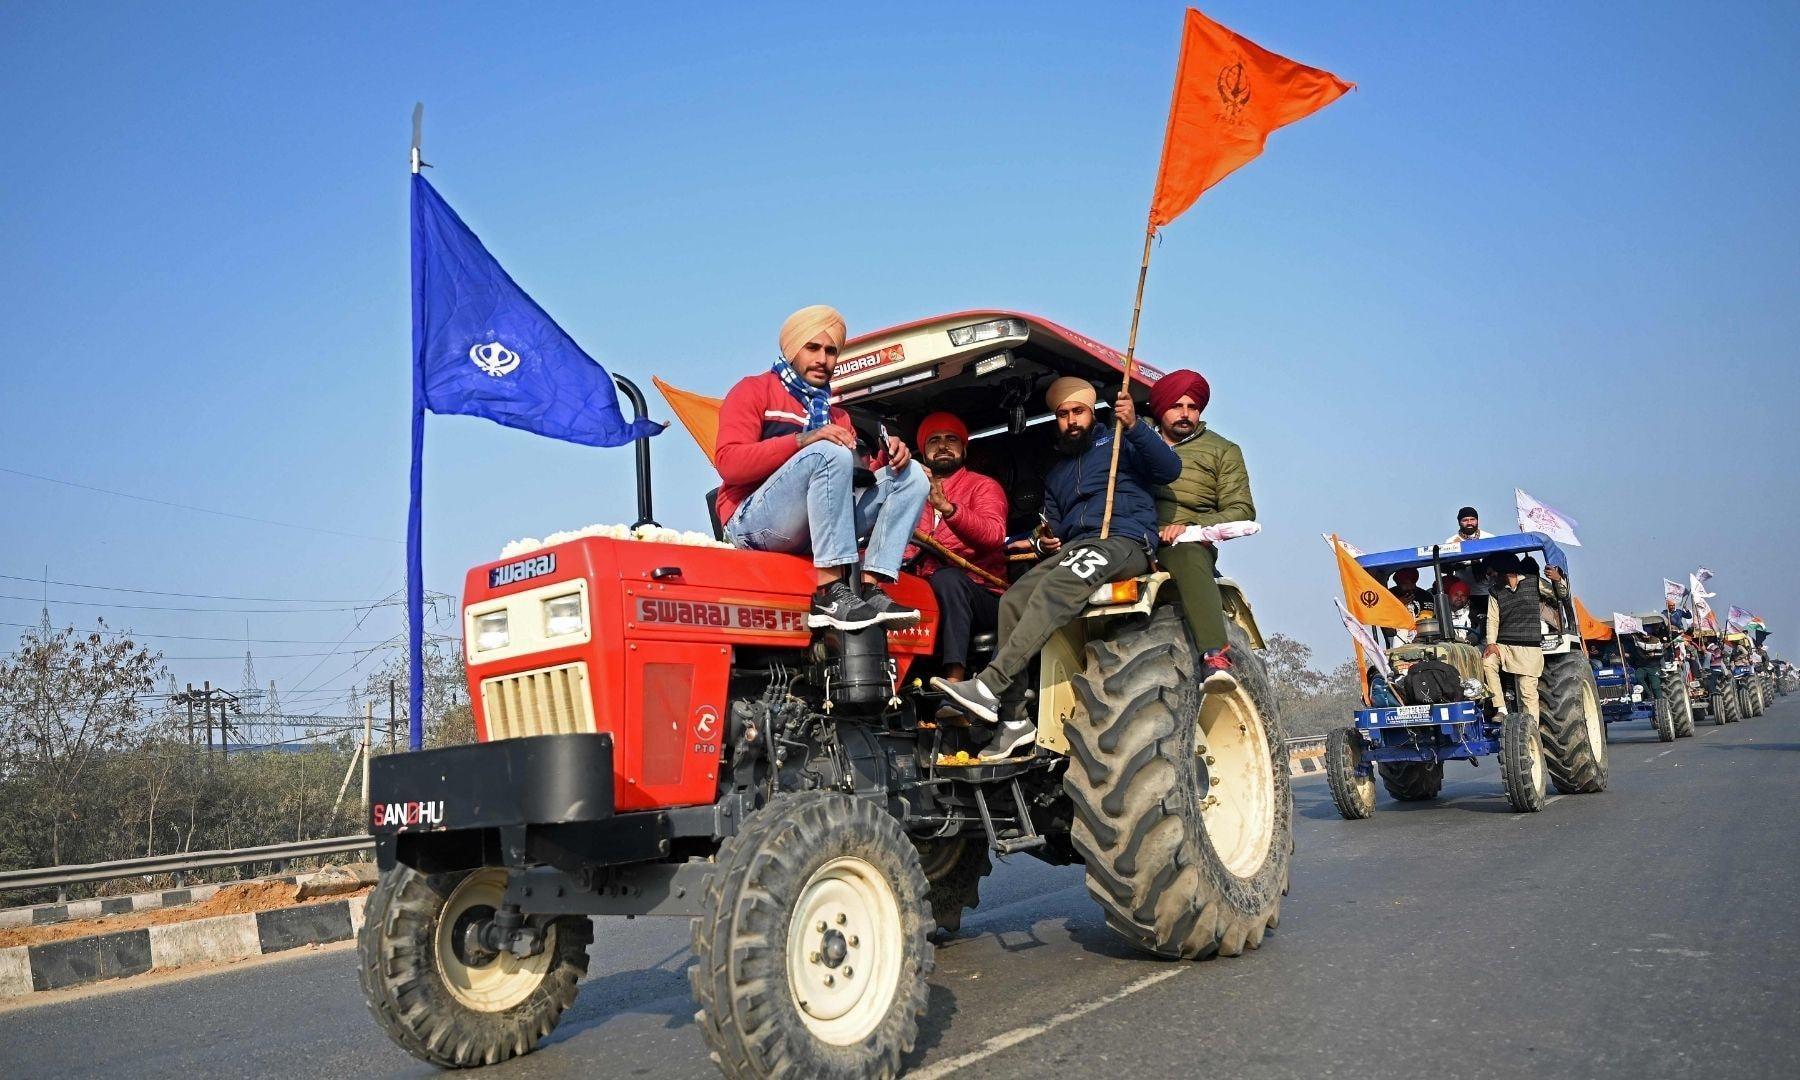 کسانوں نے رکاوٹوں کو توڑتے ہوئے نئی دہلی میں احتجاج کیا — فوٹو: اے ایف پی